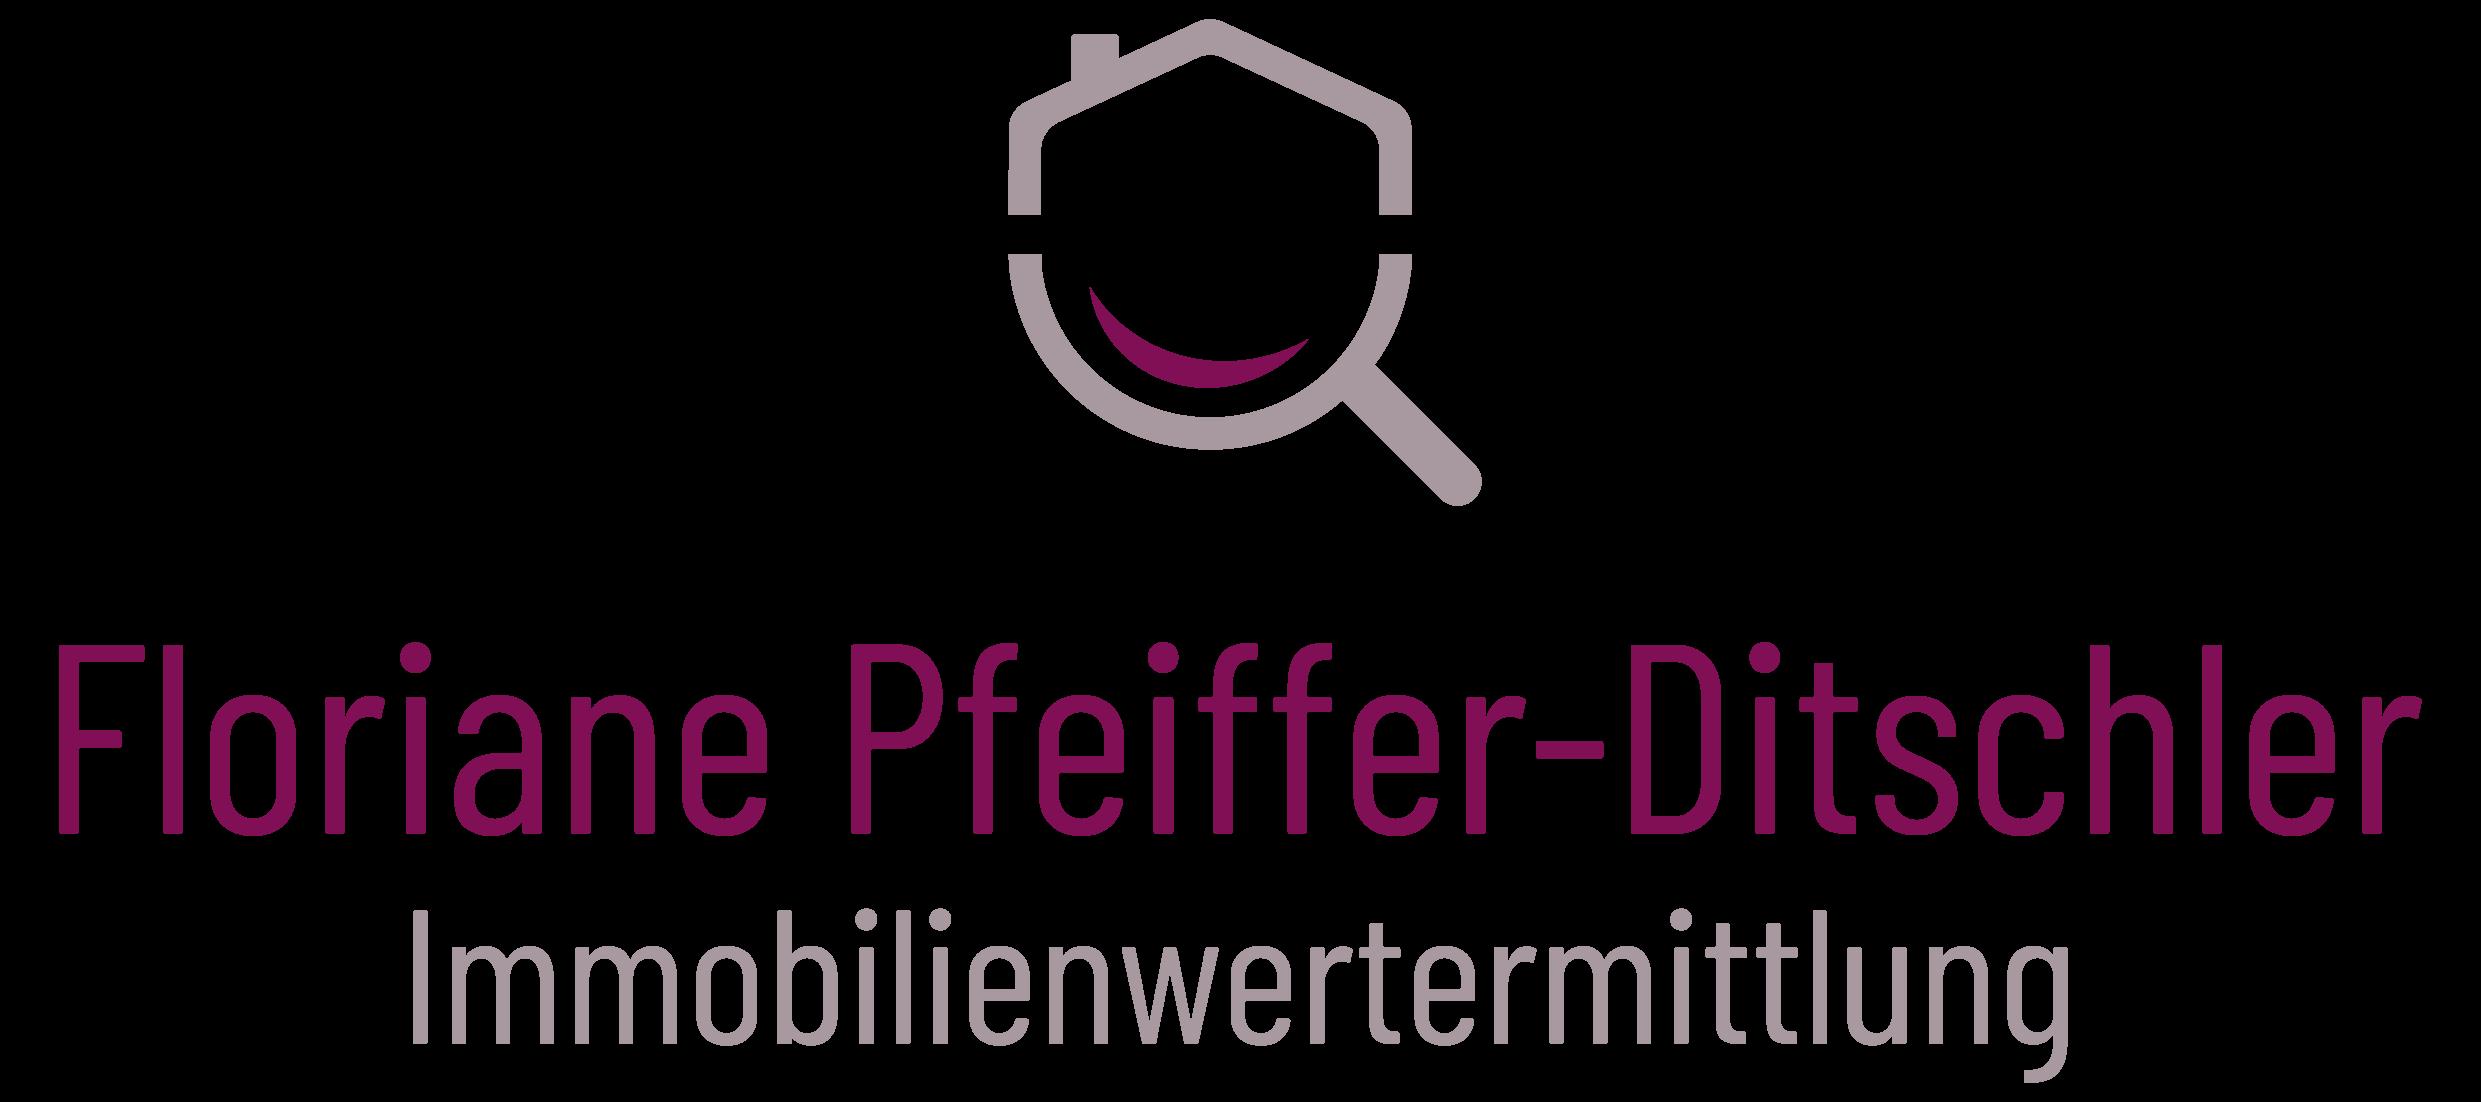 Floriane Pfeiffer-Ditschler Immobilienwertermittlung